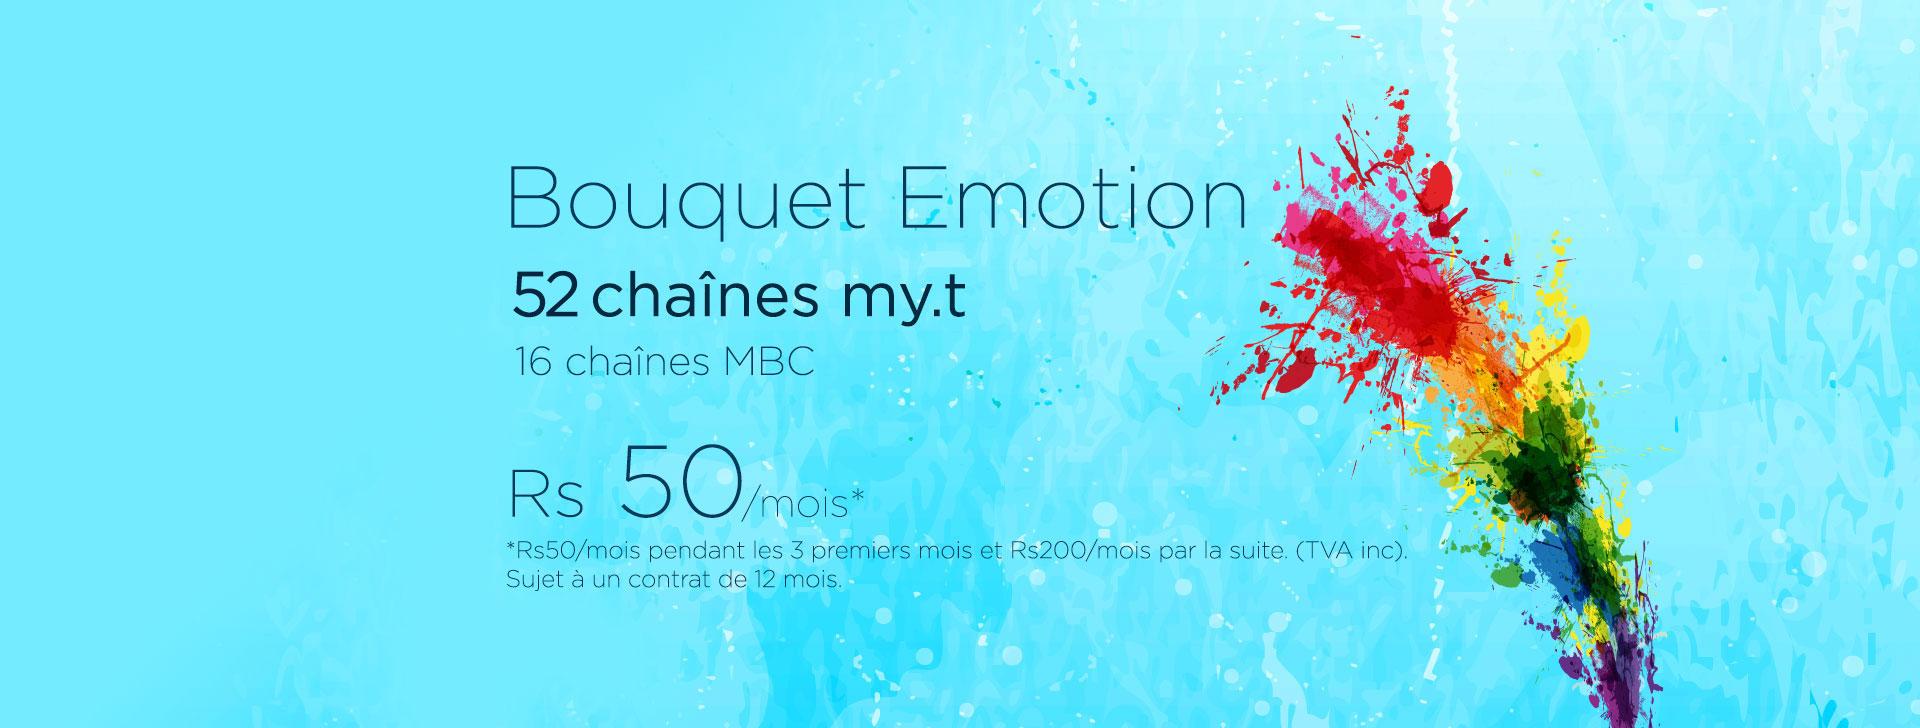 bouquet emotion